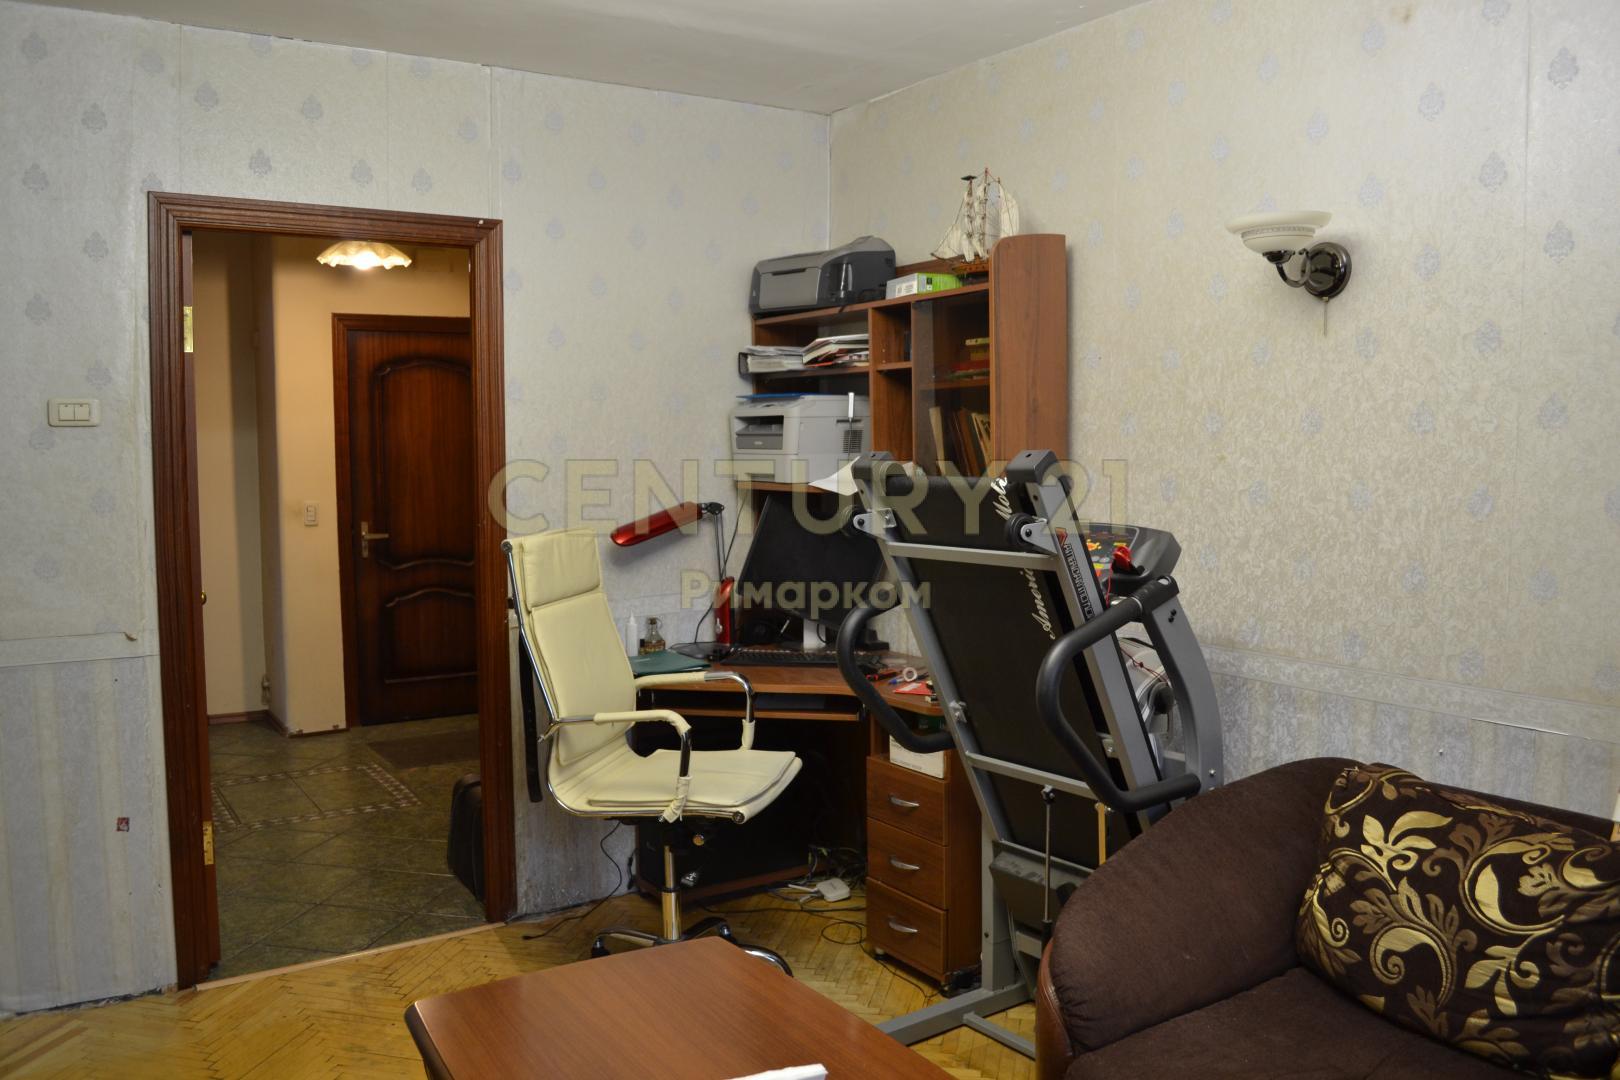 Продается трехкомнатная квартира за 6 500 000 рублей. Троицк, Юбилейная улица, 4.